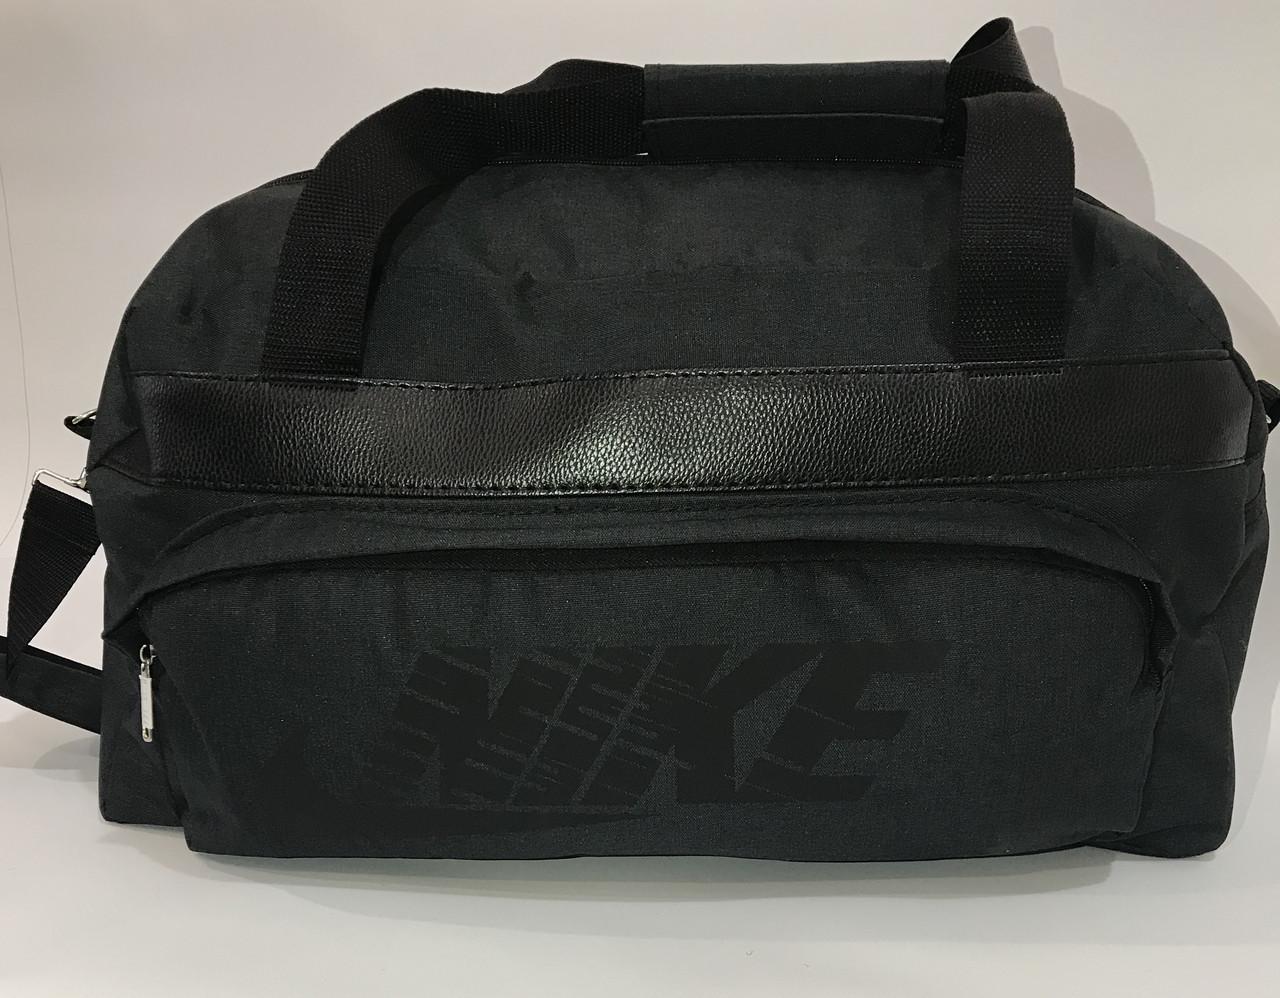 Дорожня сумка D - 15 - 144 NIKE